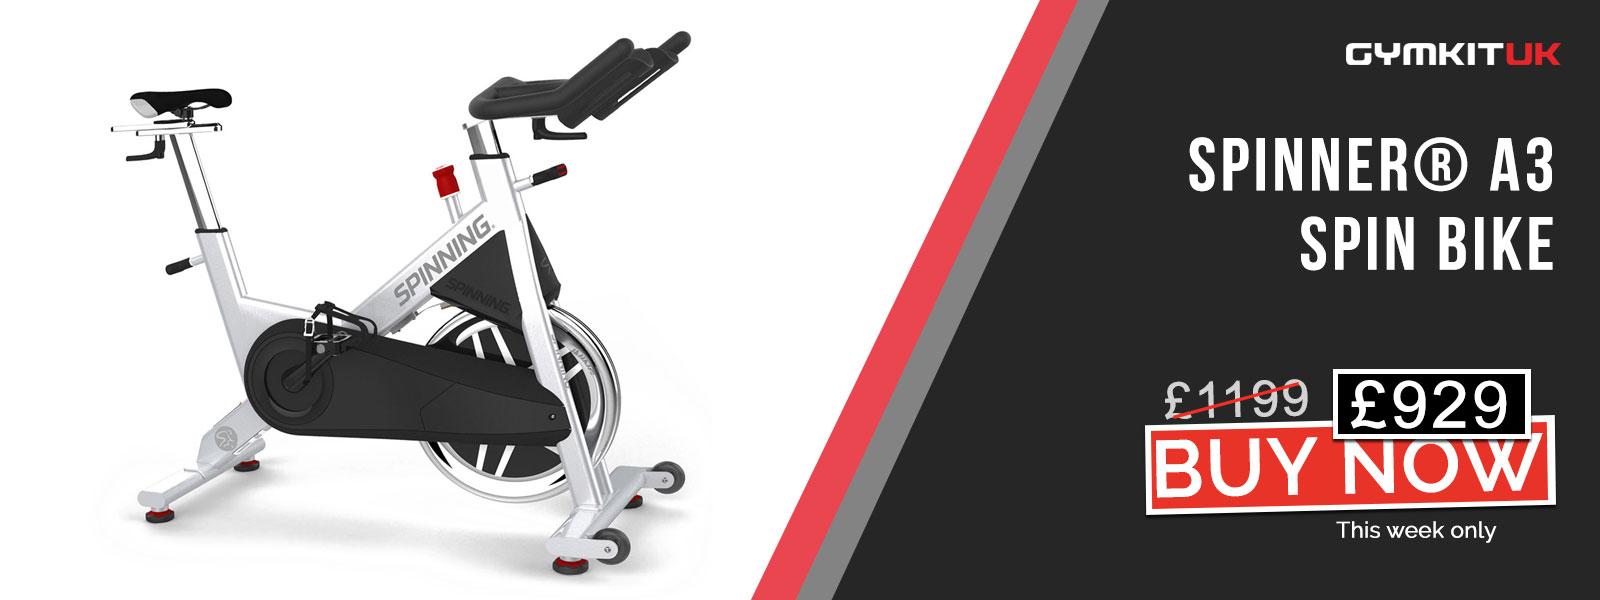 A3 Spinner Bike